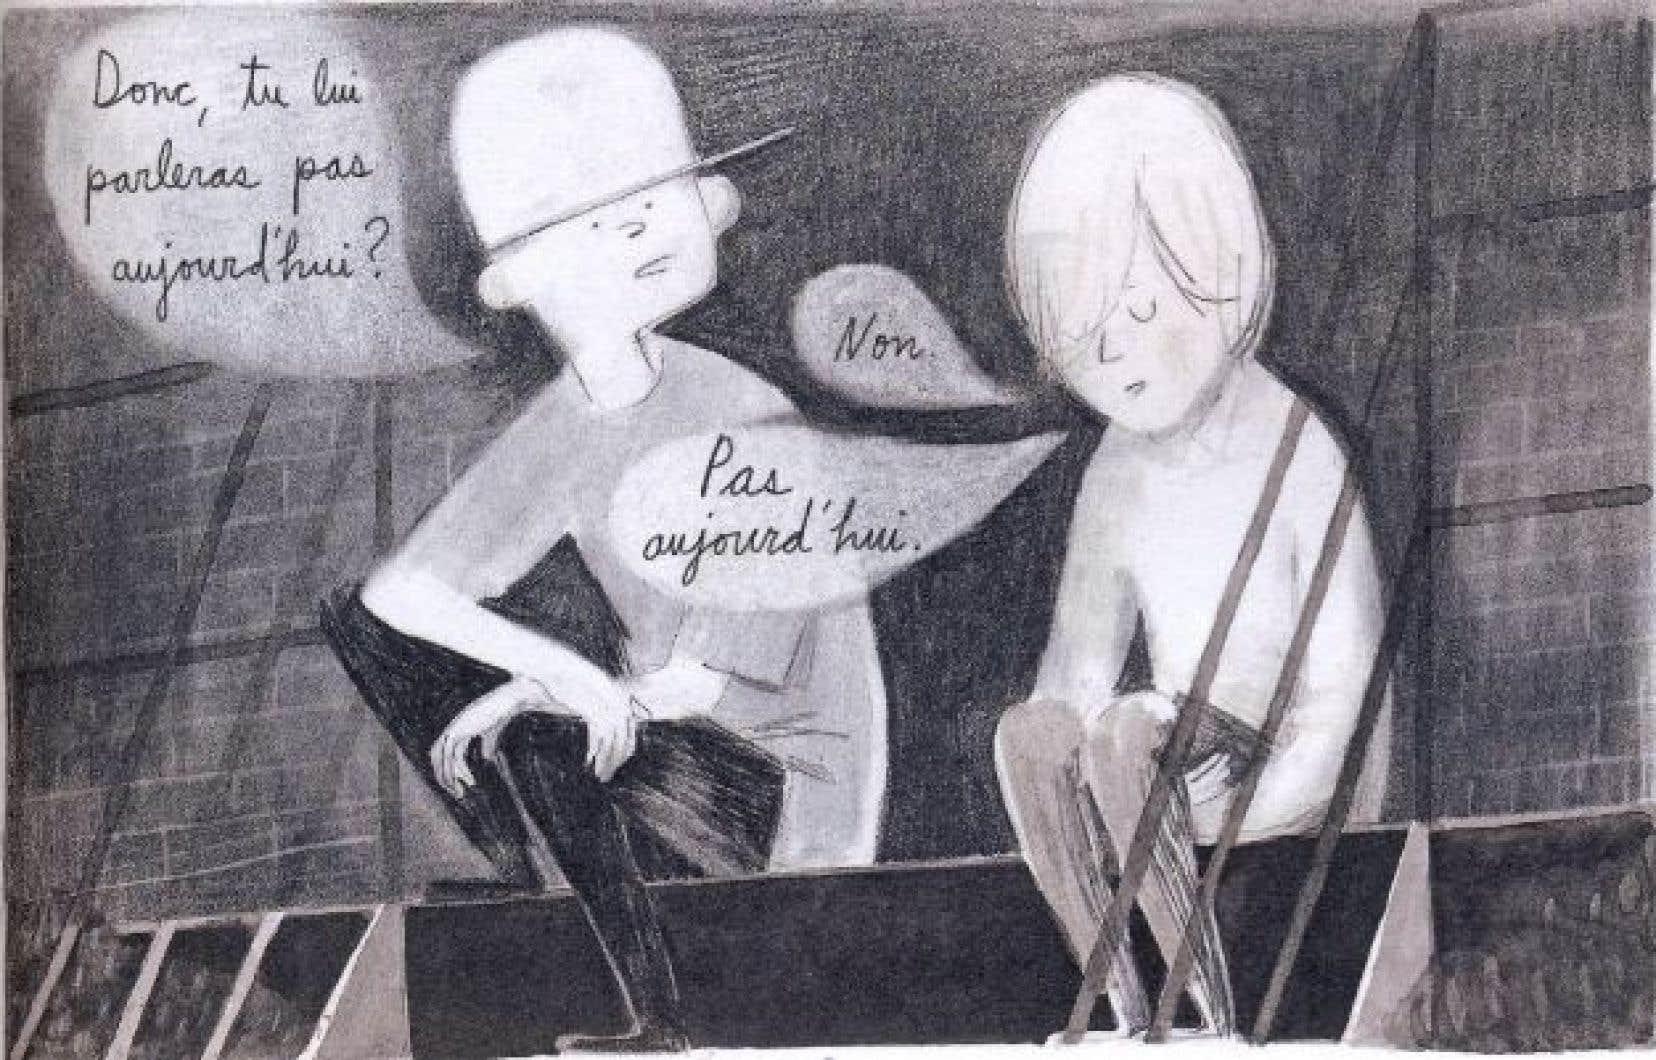 Pages après pages, les perles poétiques du texte entrent en symbiose avec l'illustration dans «Louis parmi les spectres».